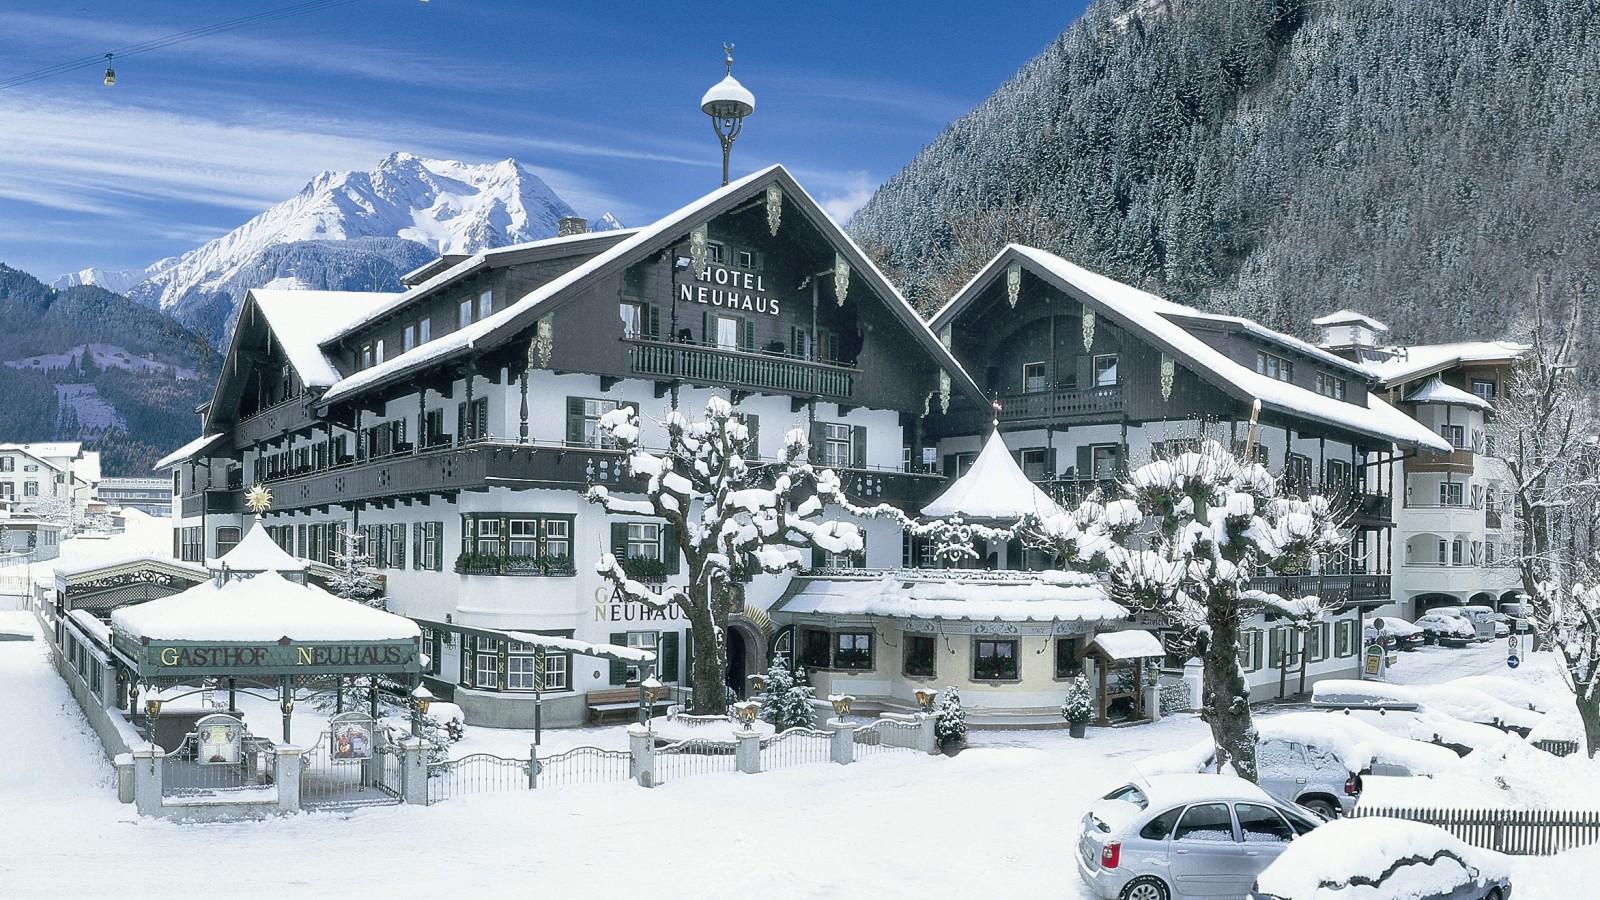 Mayrhofen Austria  city pictures gallery : Ski Austria Mayrhofen Valley Hotel Neuhaus Alpendomizil Ski ...